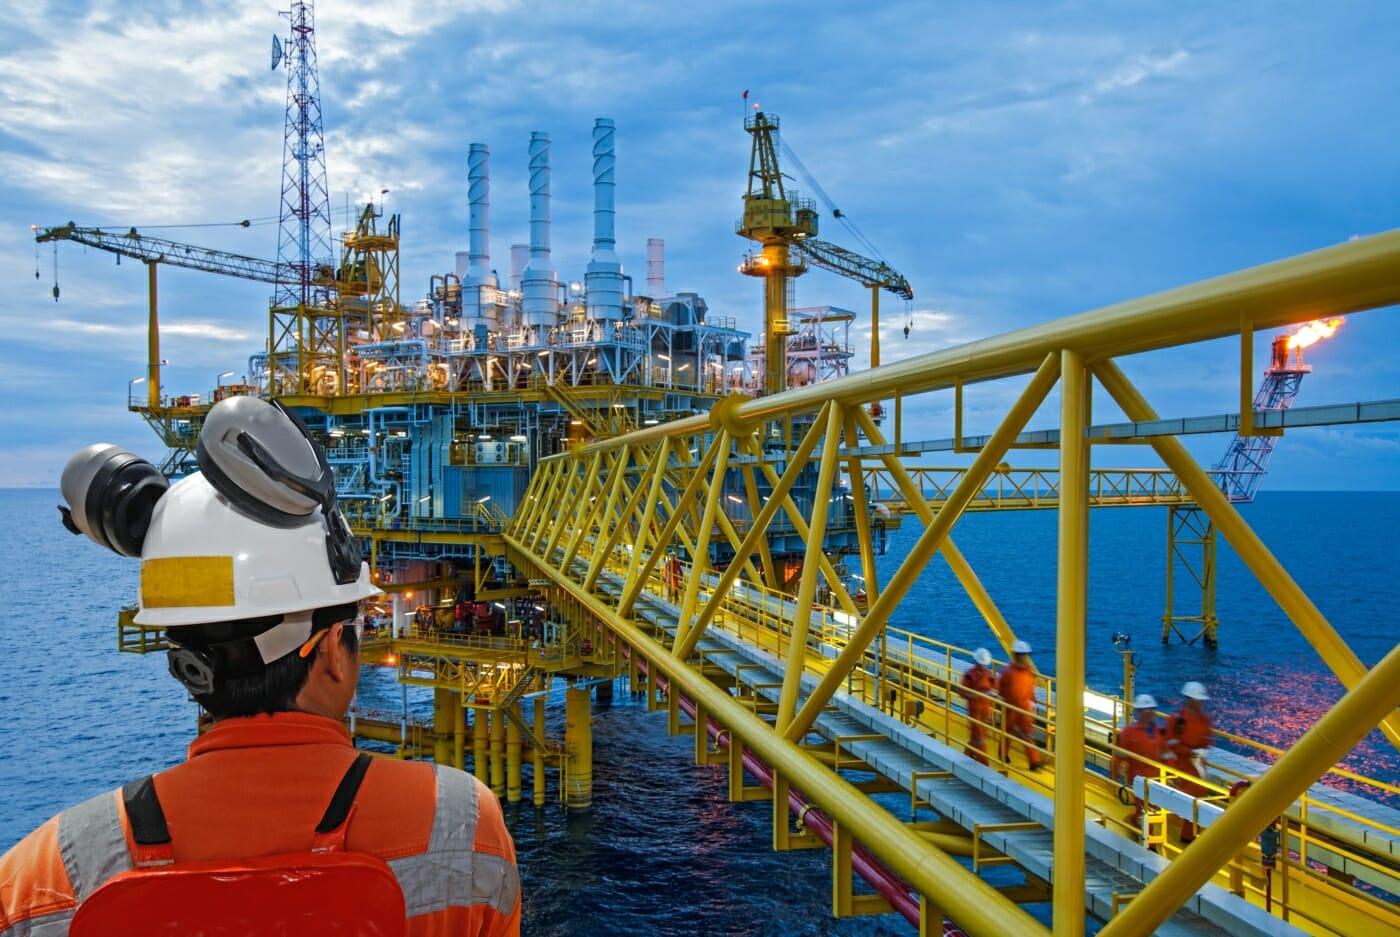 offshore_ex-schutz_shutterstock_284244404_think4photop